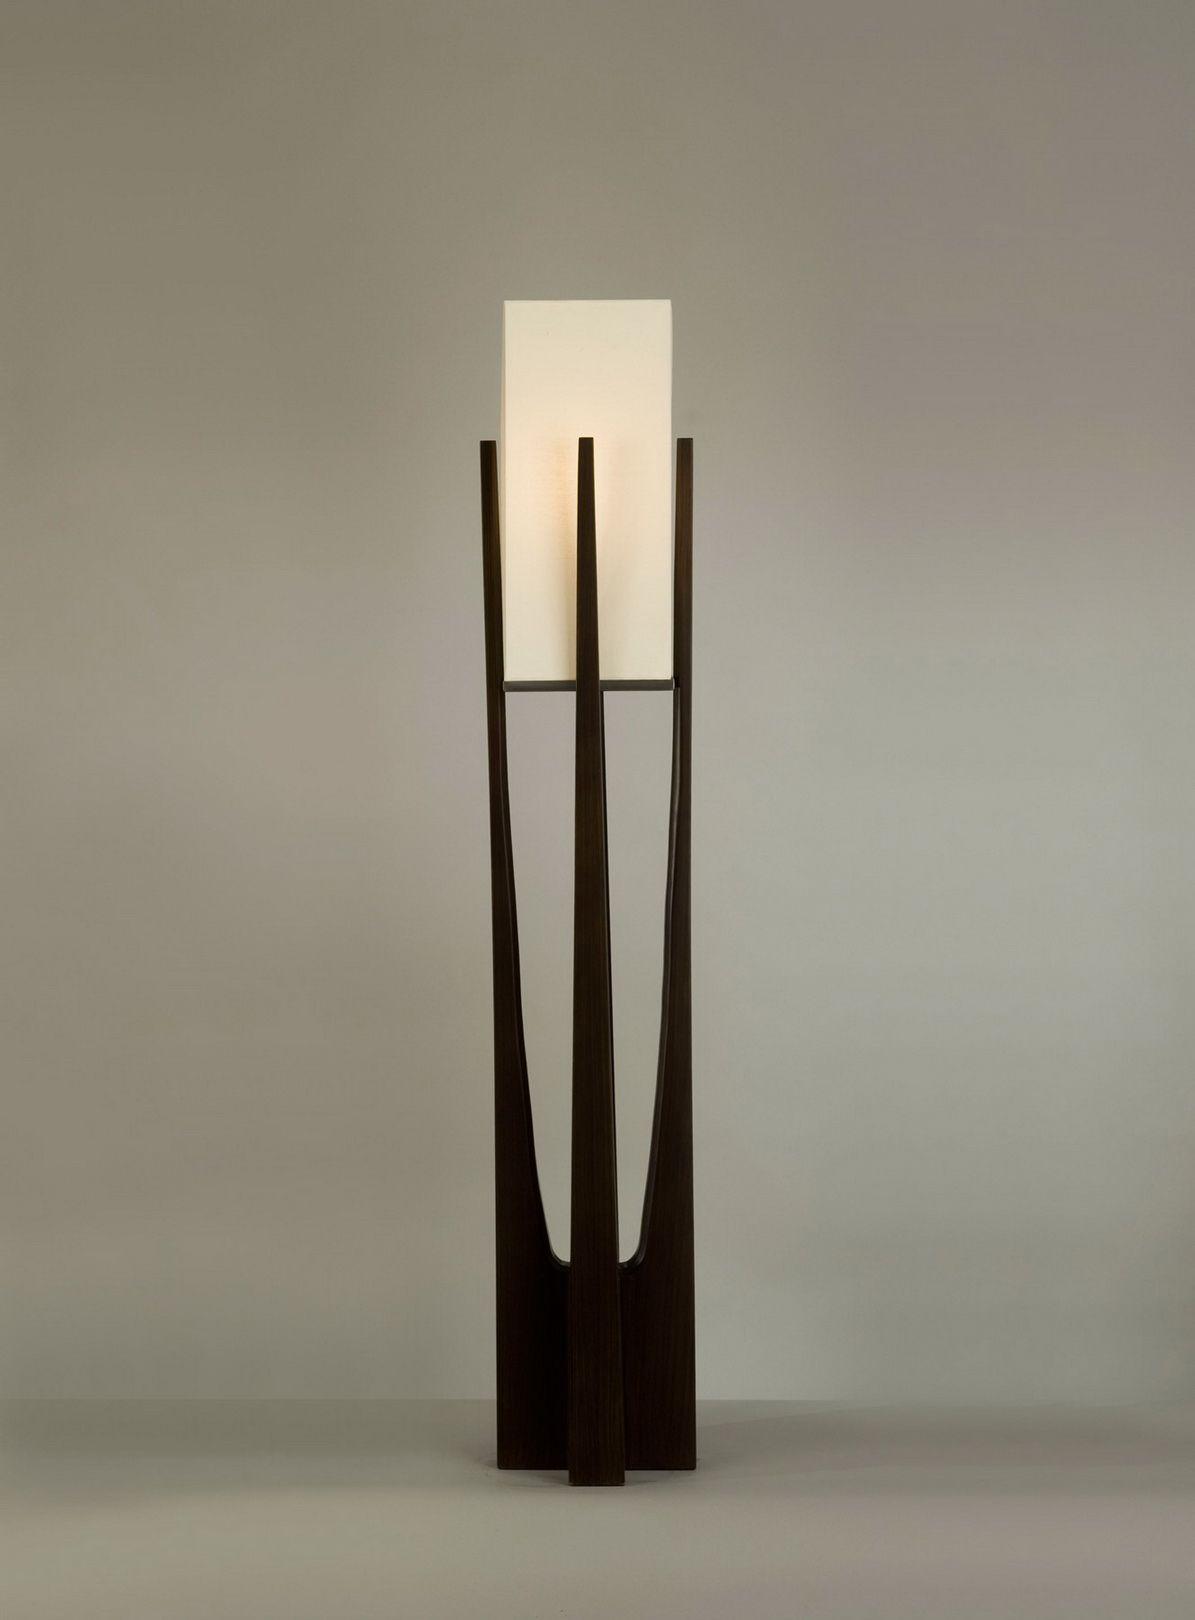 unusual lighting fixtures. Unusual Floor Lamps - Google Search Lighting Fixtures I